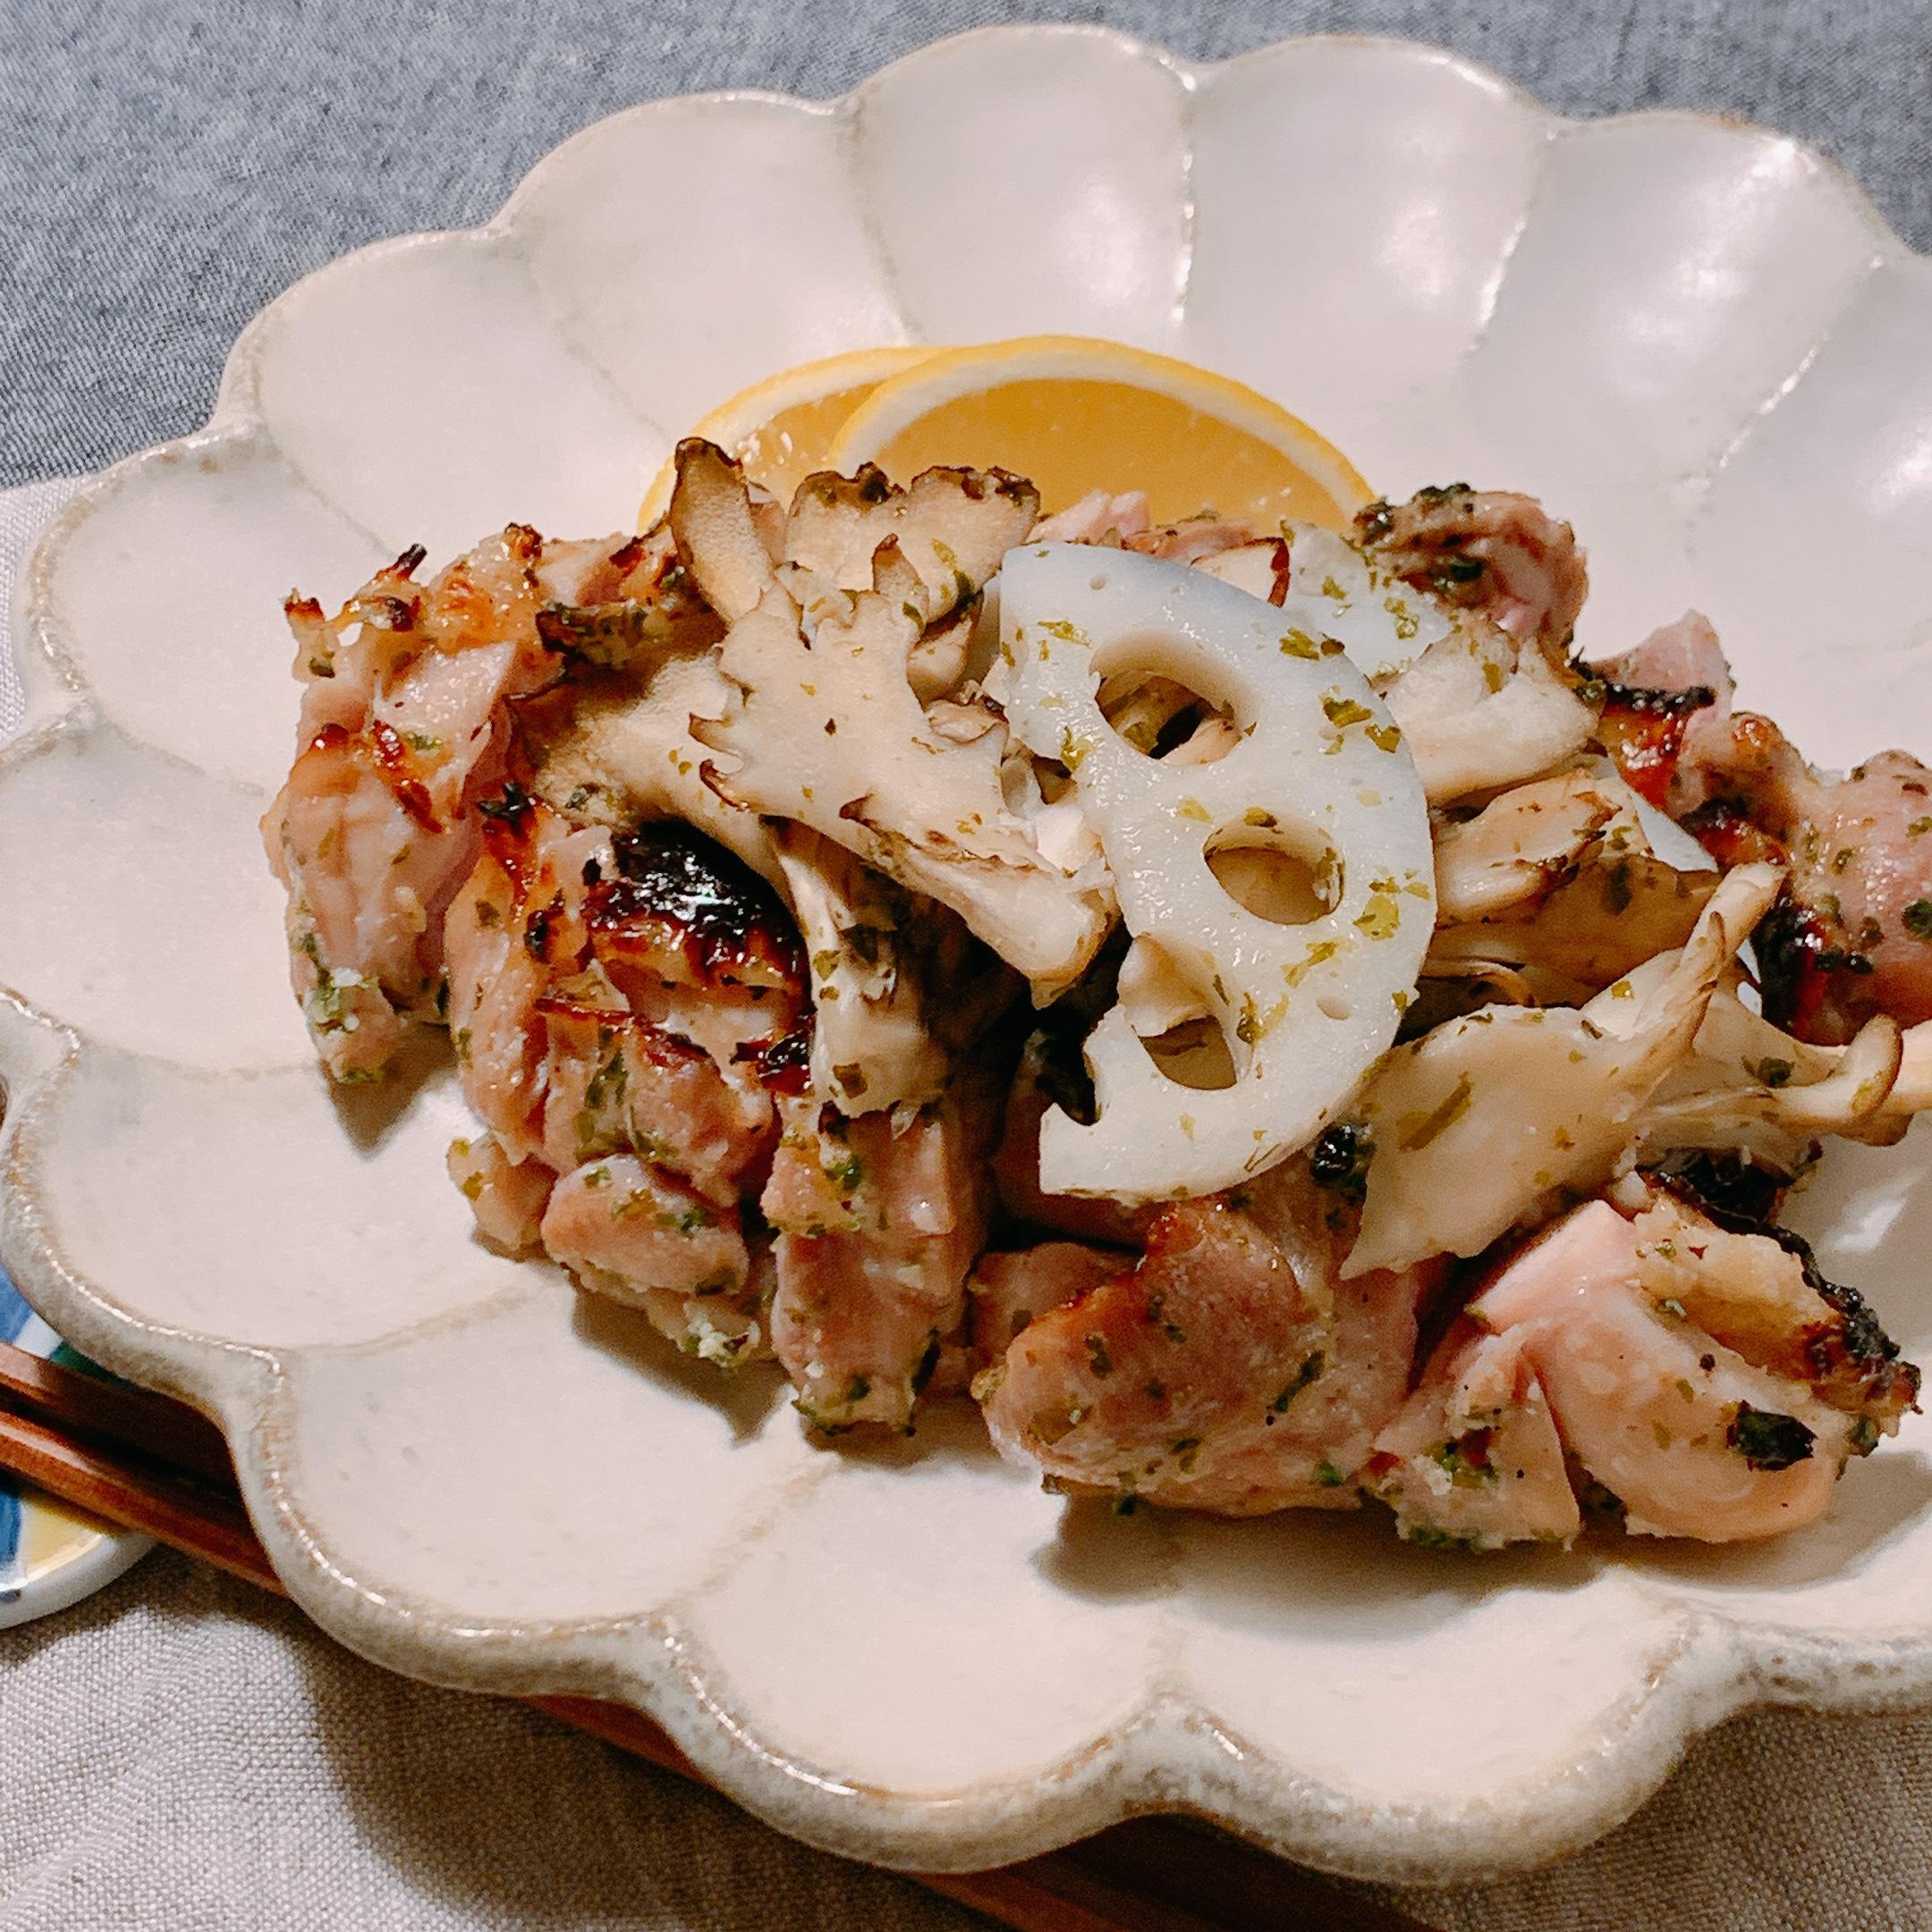 塩麹×青海苔 鶏もも肉と季節野菜のグリル